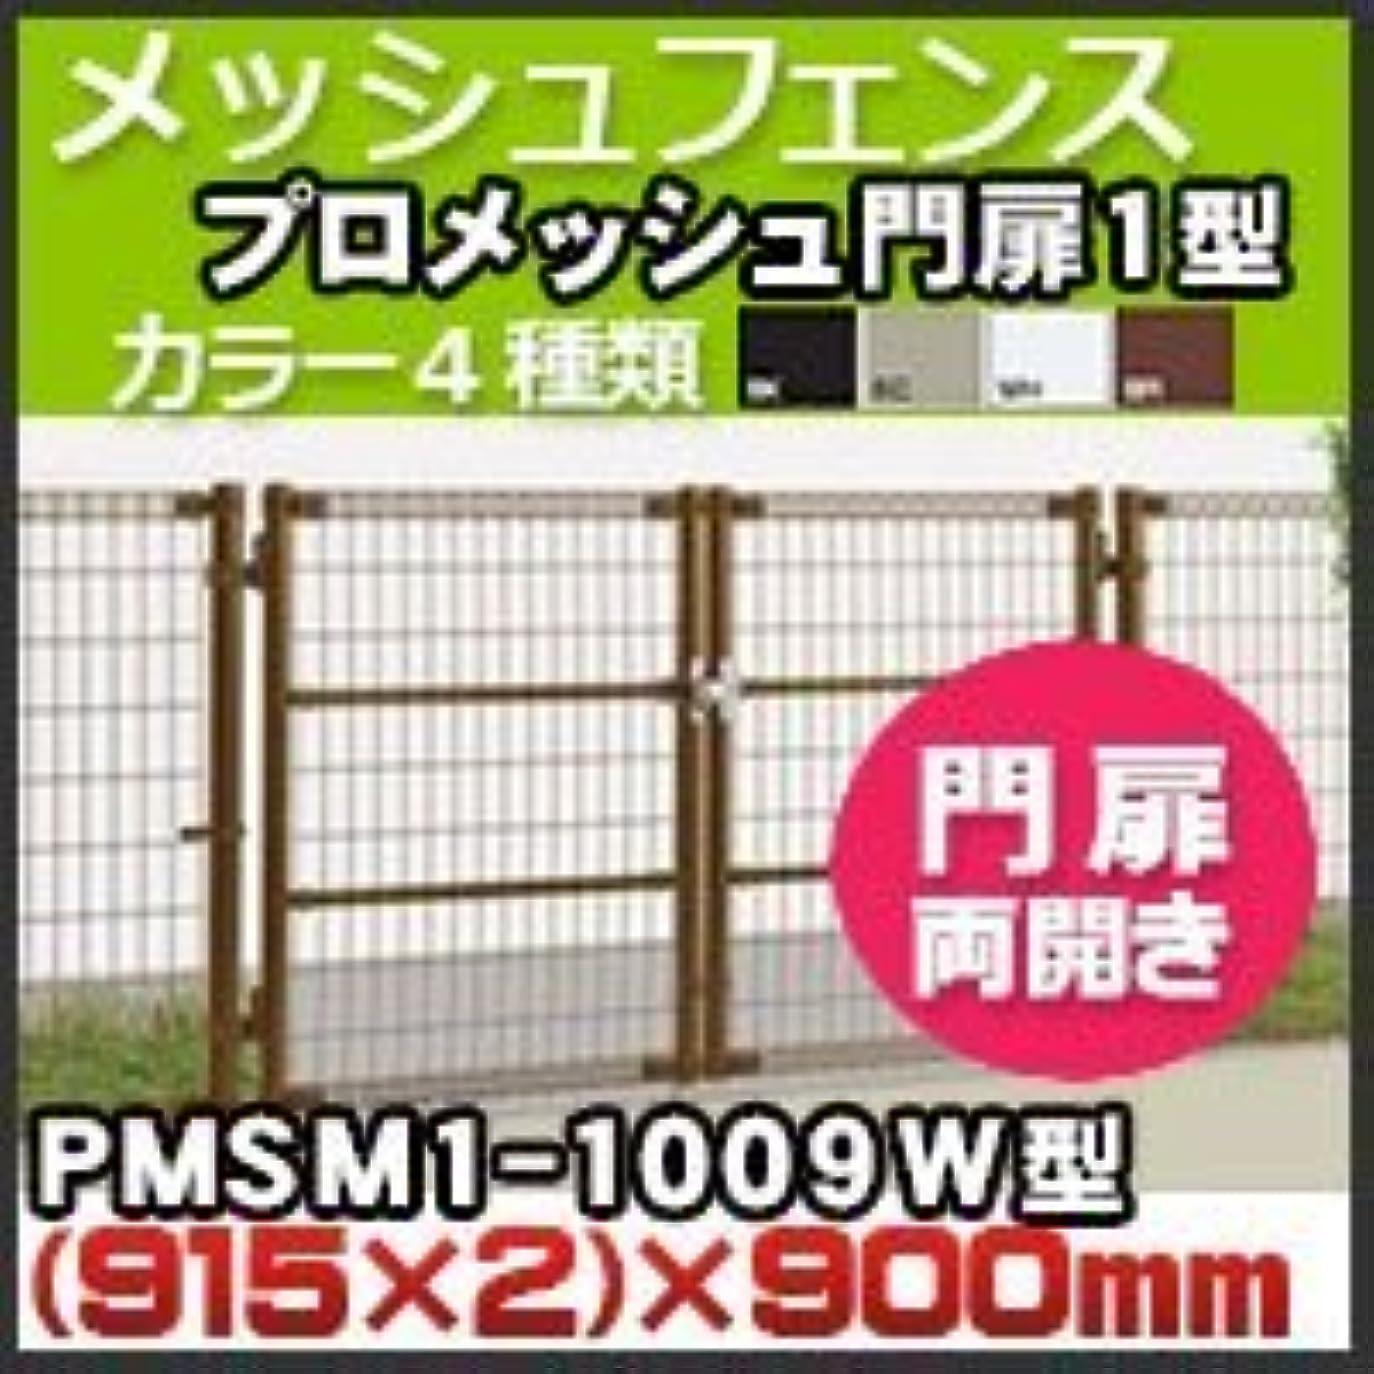 四国化成 スチールメッシュフェンス(ネットフェンス) プロメッシュ1型(間柱タイプ)門扉両開き PMSM1-1009W高さ900mm用 ブラウン